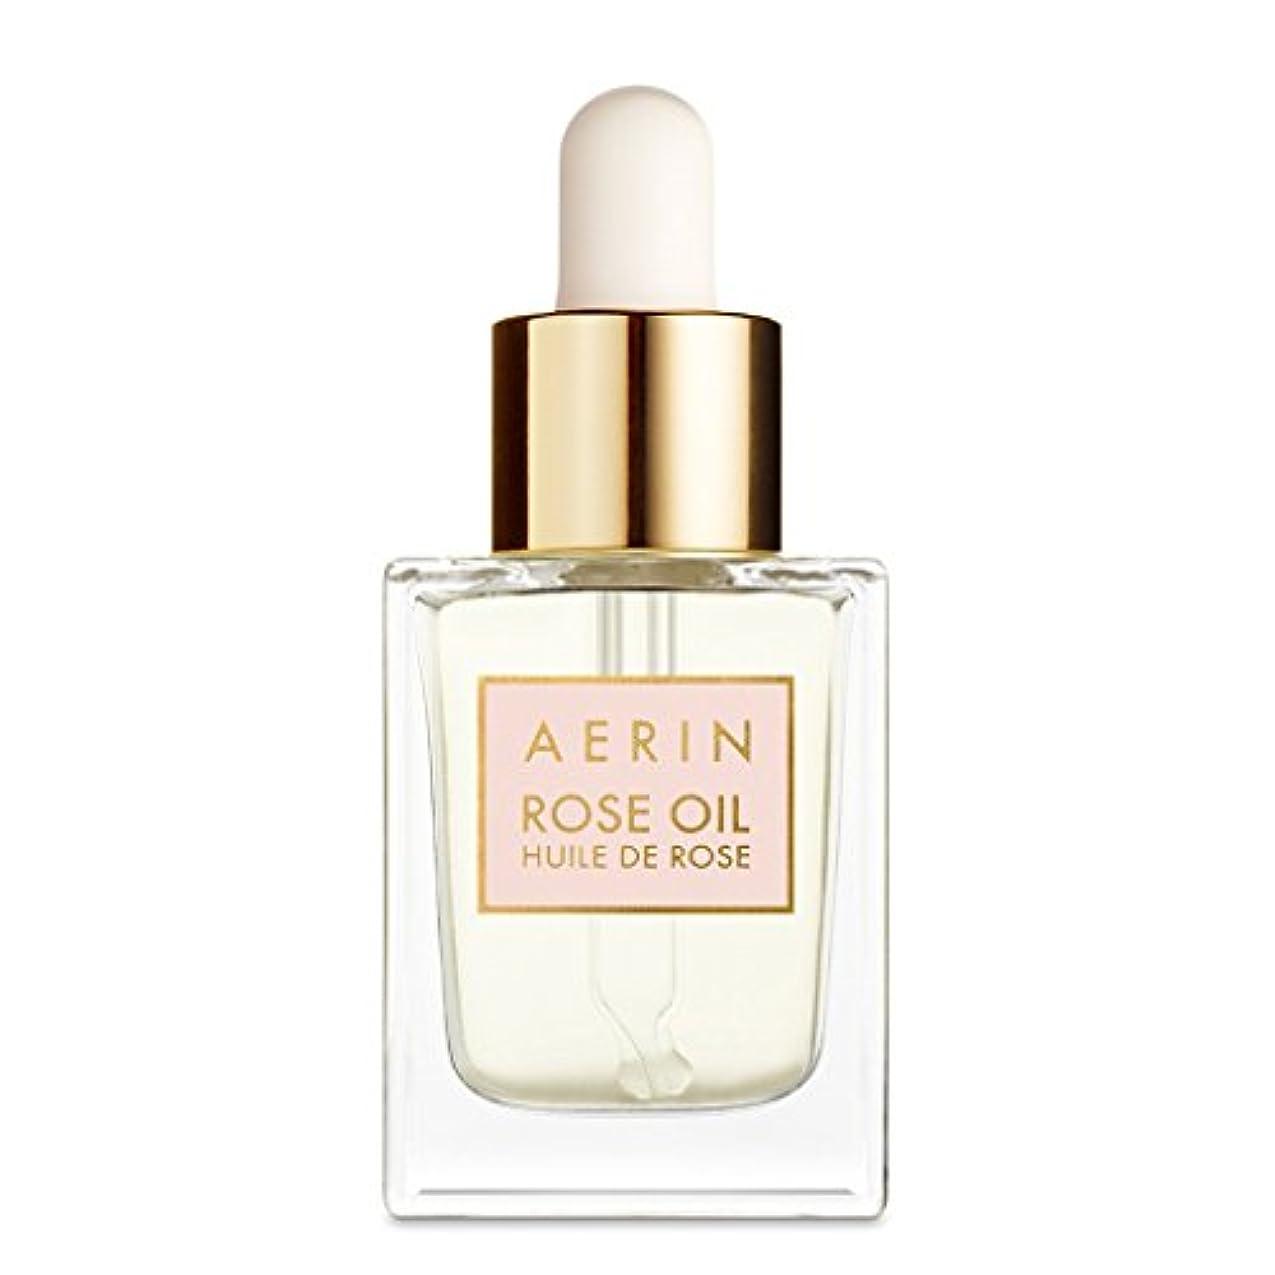 ポゴスティックジャンプ自分の視力AERIN Rose Oil(アエリン ローズ オイル) 1.0 oz (30ml) by Estee Lauder for Women